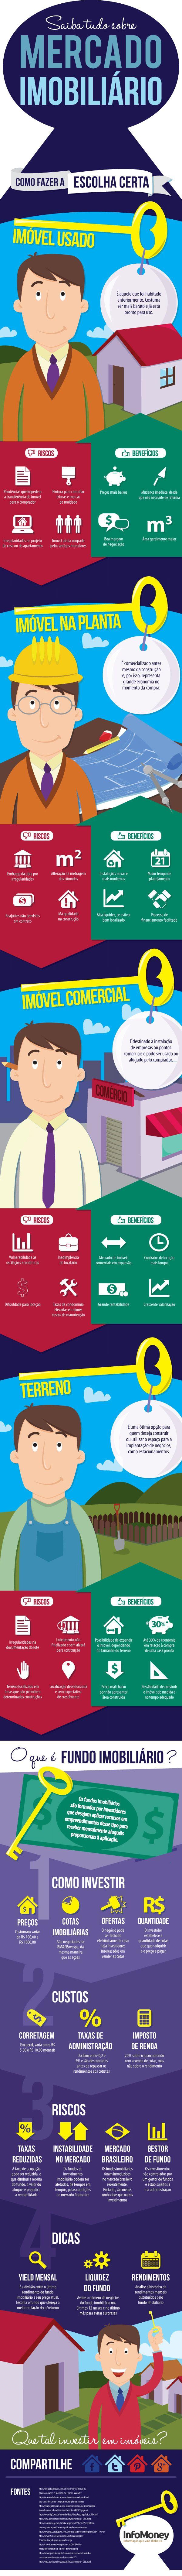 Infográfico mostra os prós e contras de imóveis na planta, residências usadas, imóveis comerciais, terrenos e fundos imobiliários.